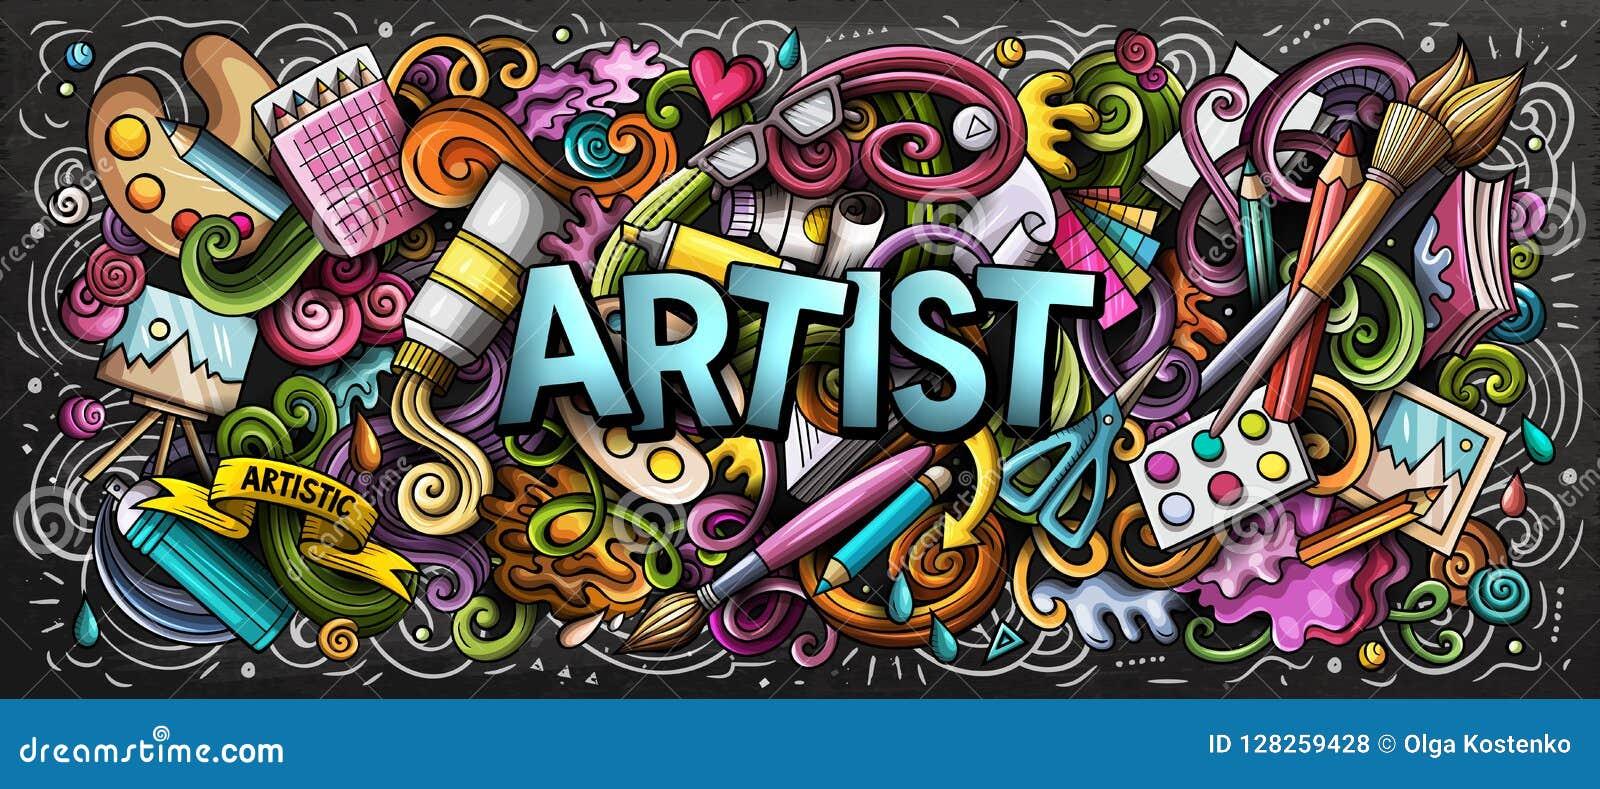 Illustration för konstnärtillförselfärg Bildkonstklotter Målning- och teckningskonstbakgrund